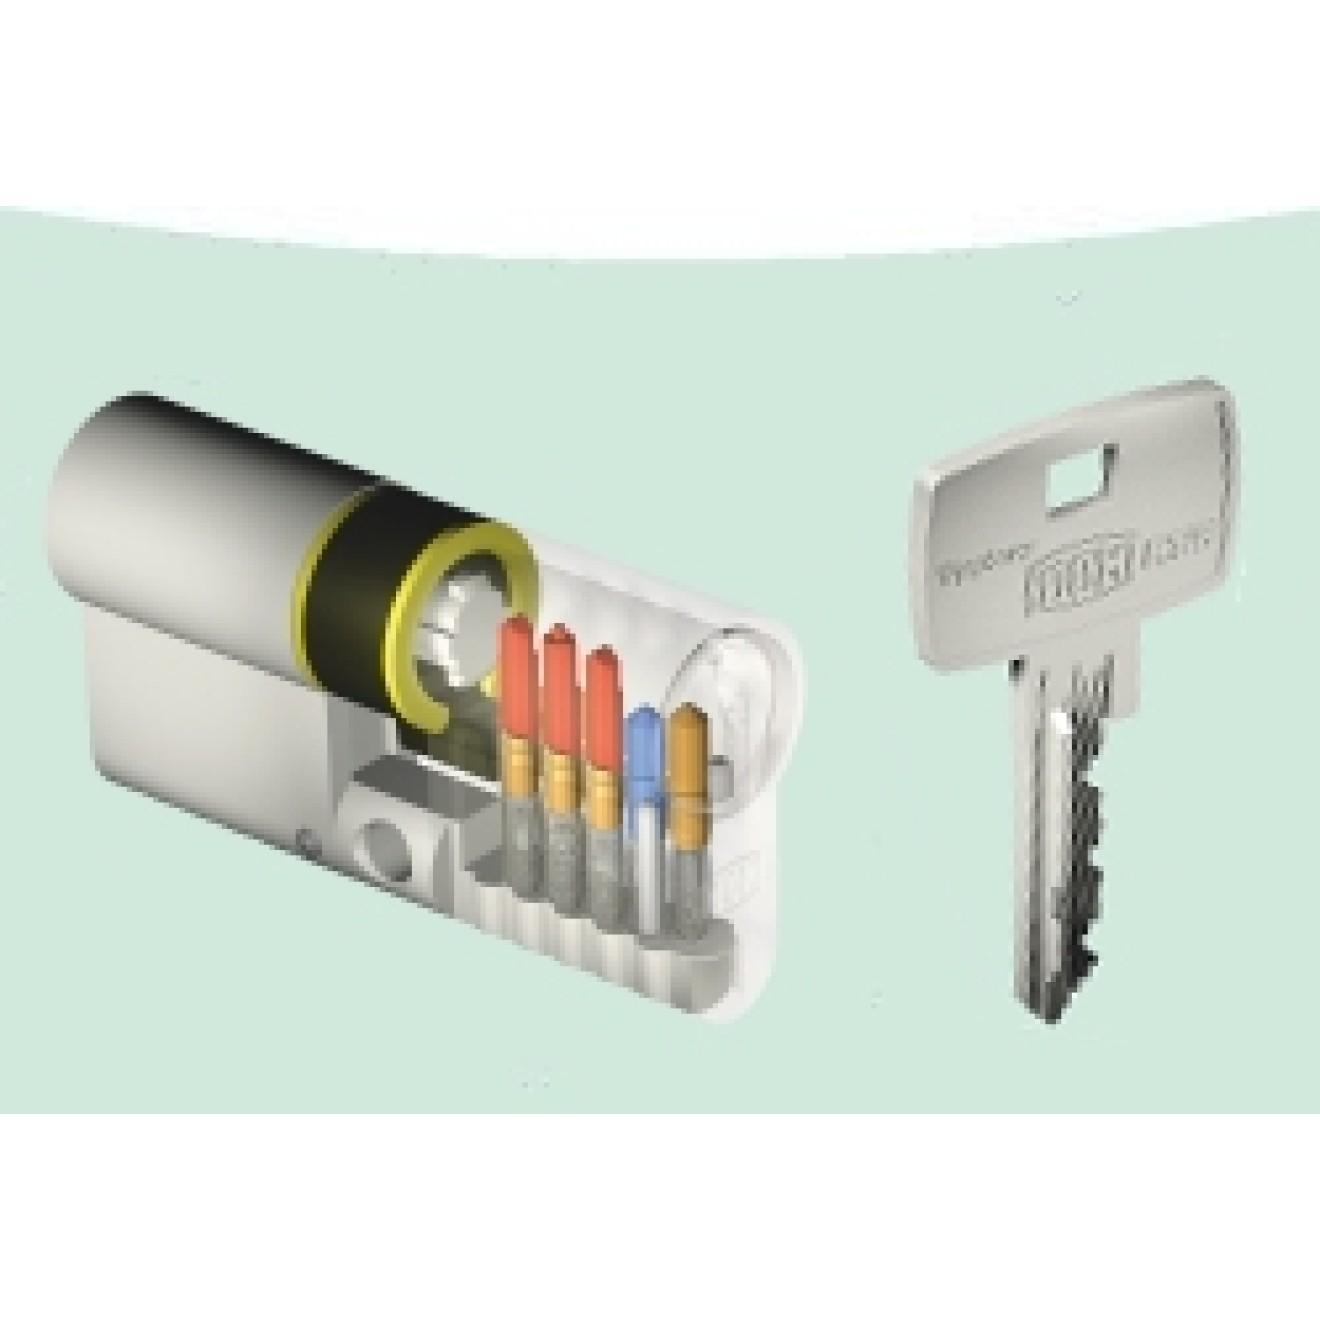 dom rs8 schlie zylinder mit schl sseln und sicherungskarte. Black Bedroom Furniture Sets. Home Design Ideas